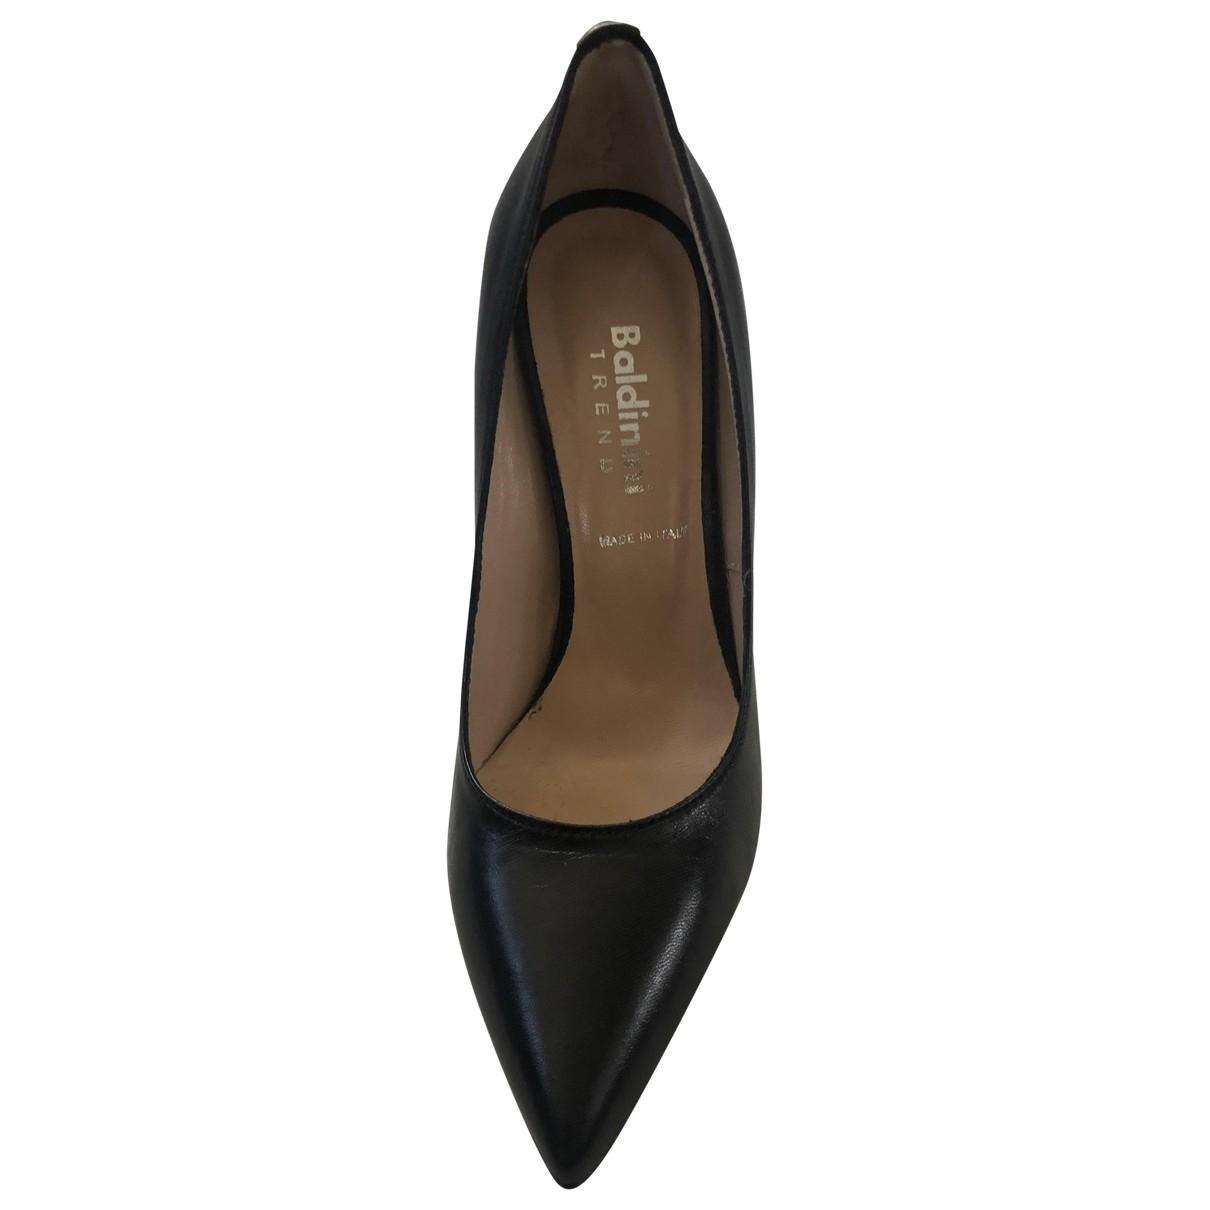 Baldinini - Escarpins   pour femme en cuir - noir